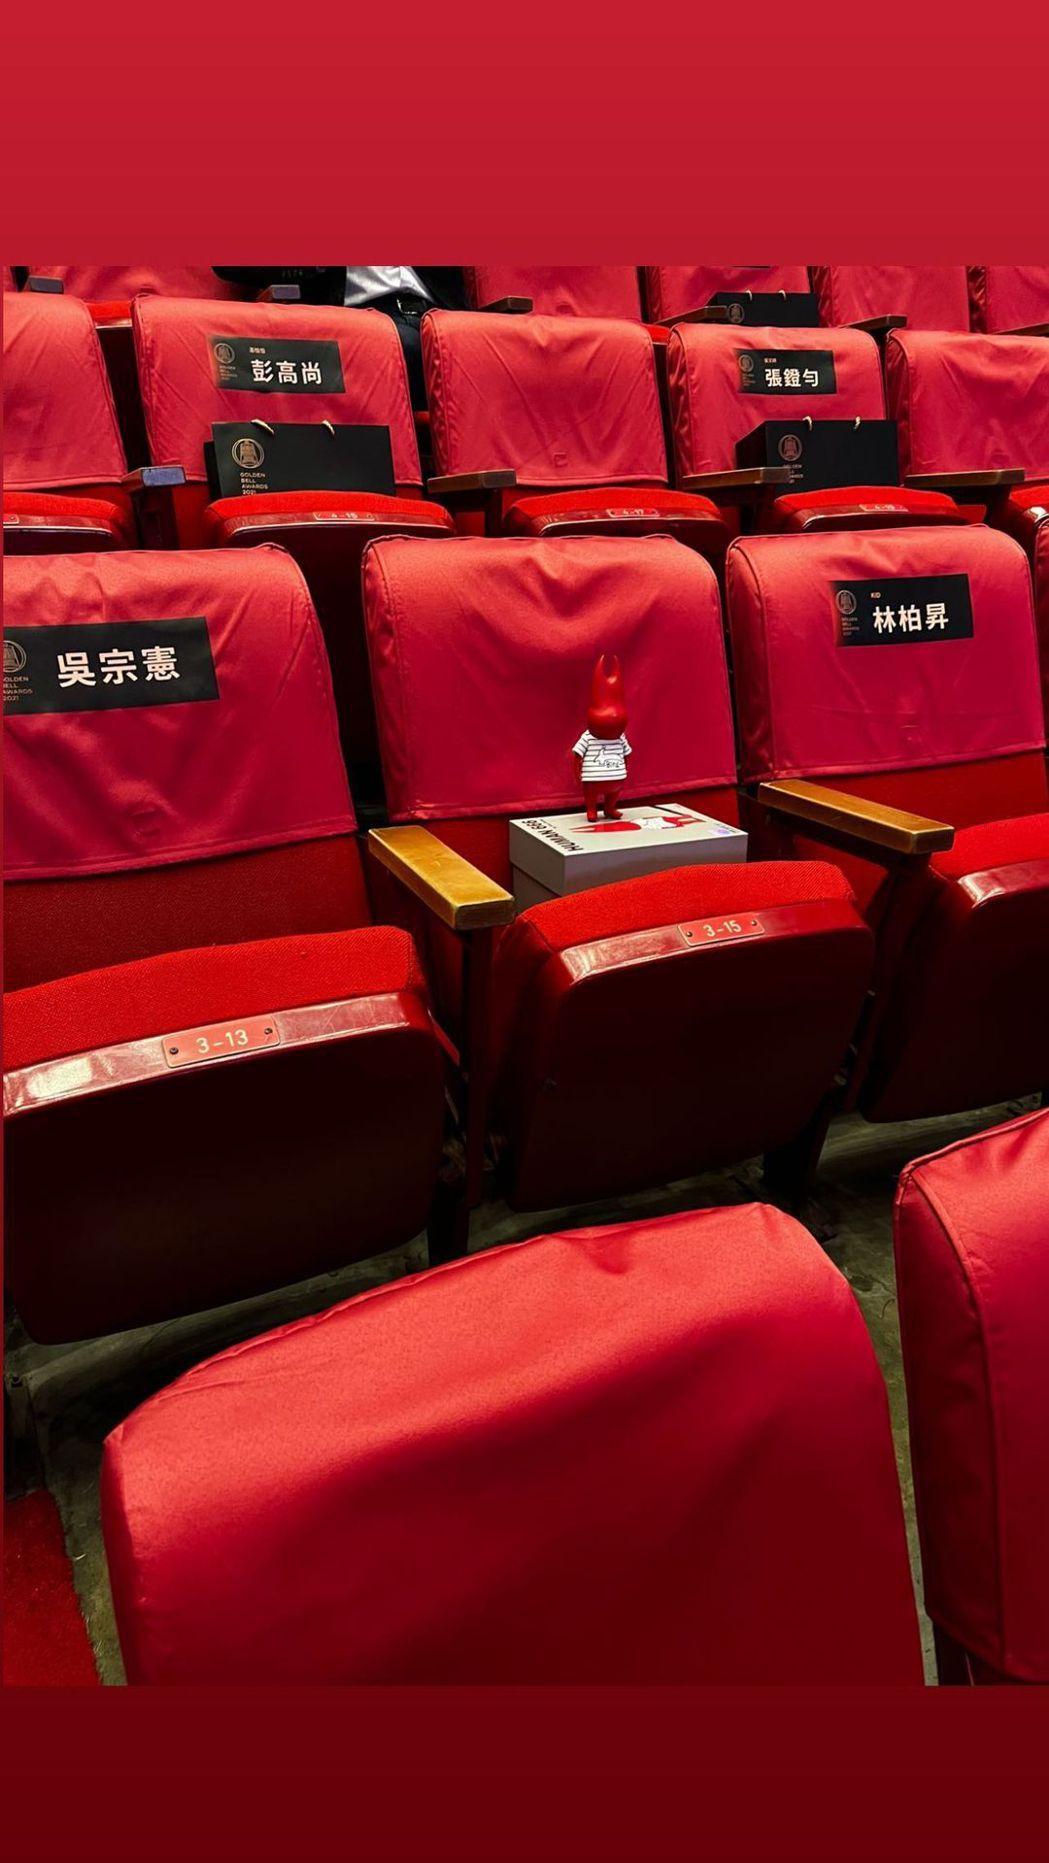 小鬼黃鴻升典禮上專屬座位。 圖/擷自KID IG